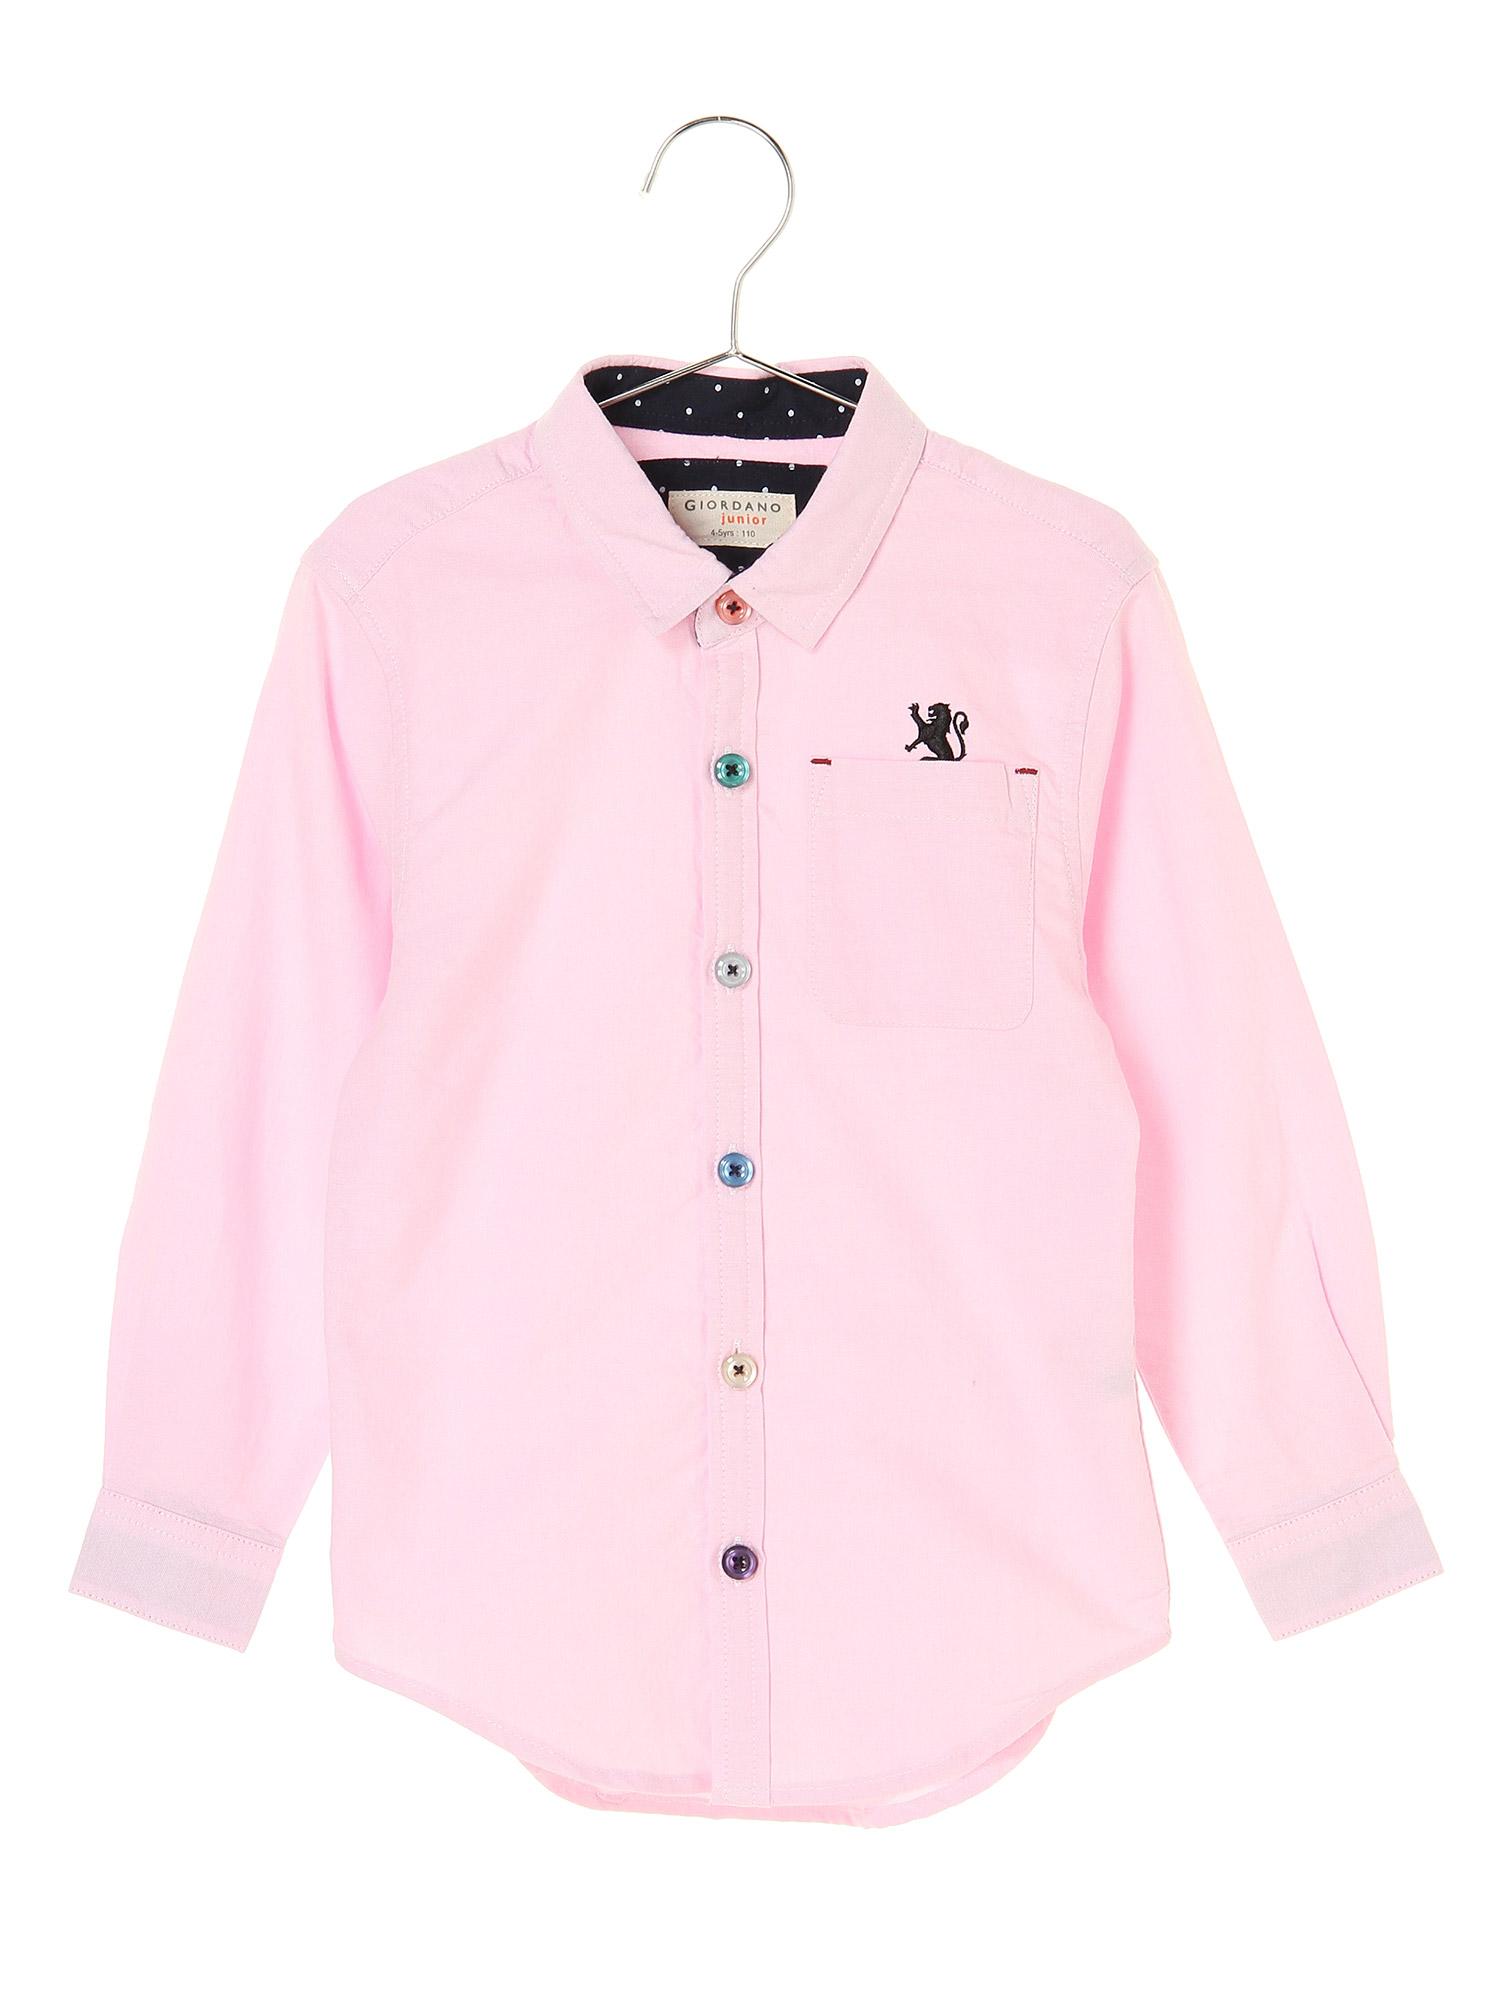 [12/28まで限定価格]ライオン刺繍オックスフォード長袖シャツ